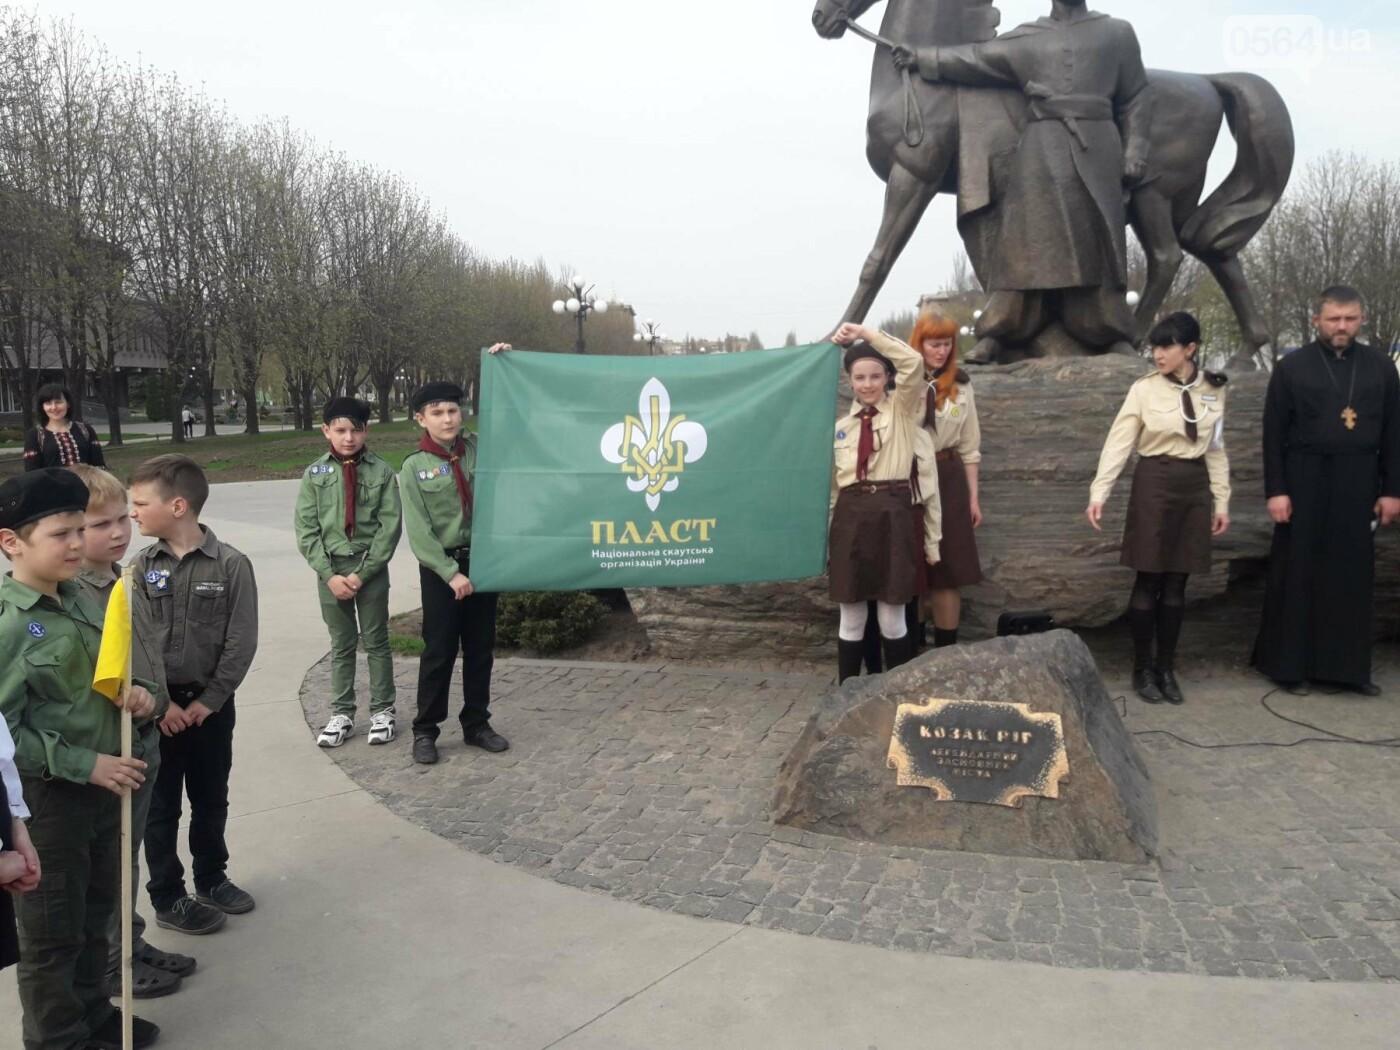 Криворожские пластуны отметили 106-ю годовщину со Дня присяги Богу и Украине (ФОТО), фото-1